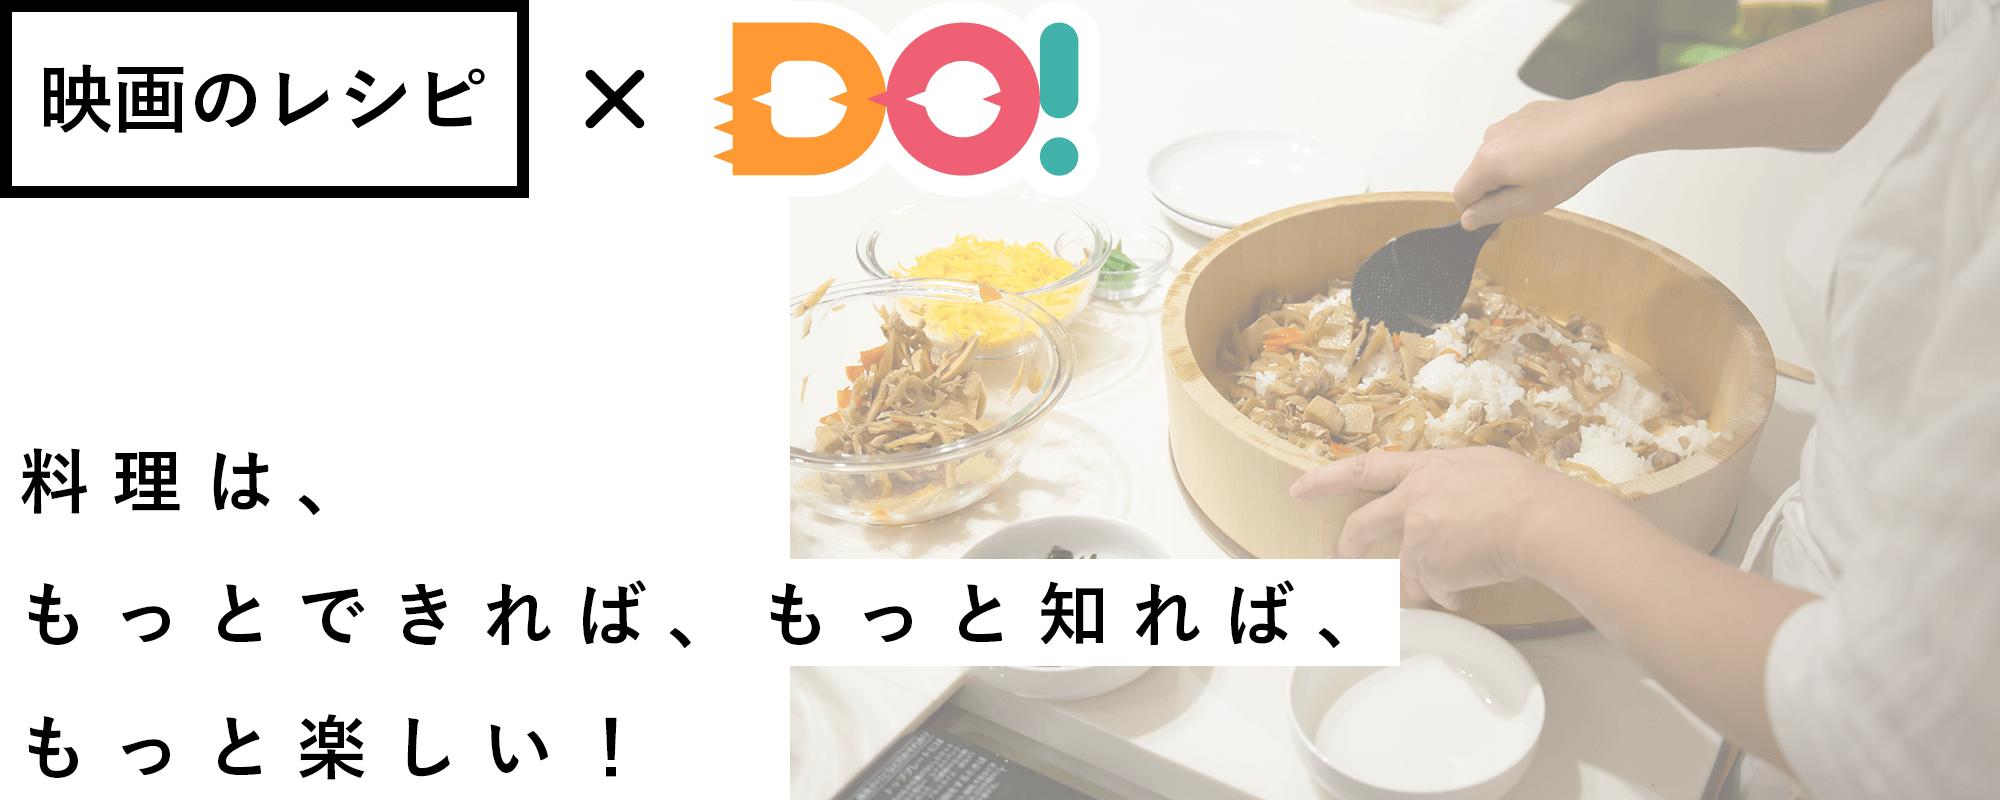 映画のレシピ×Do!